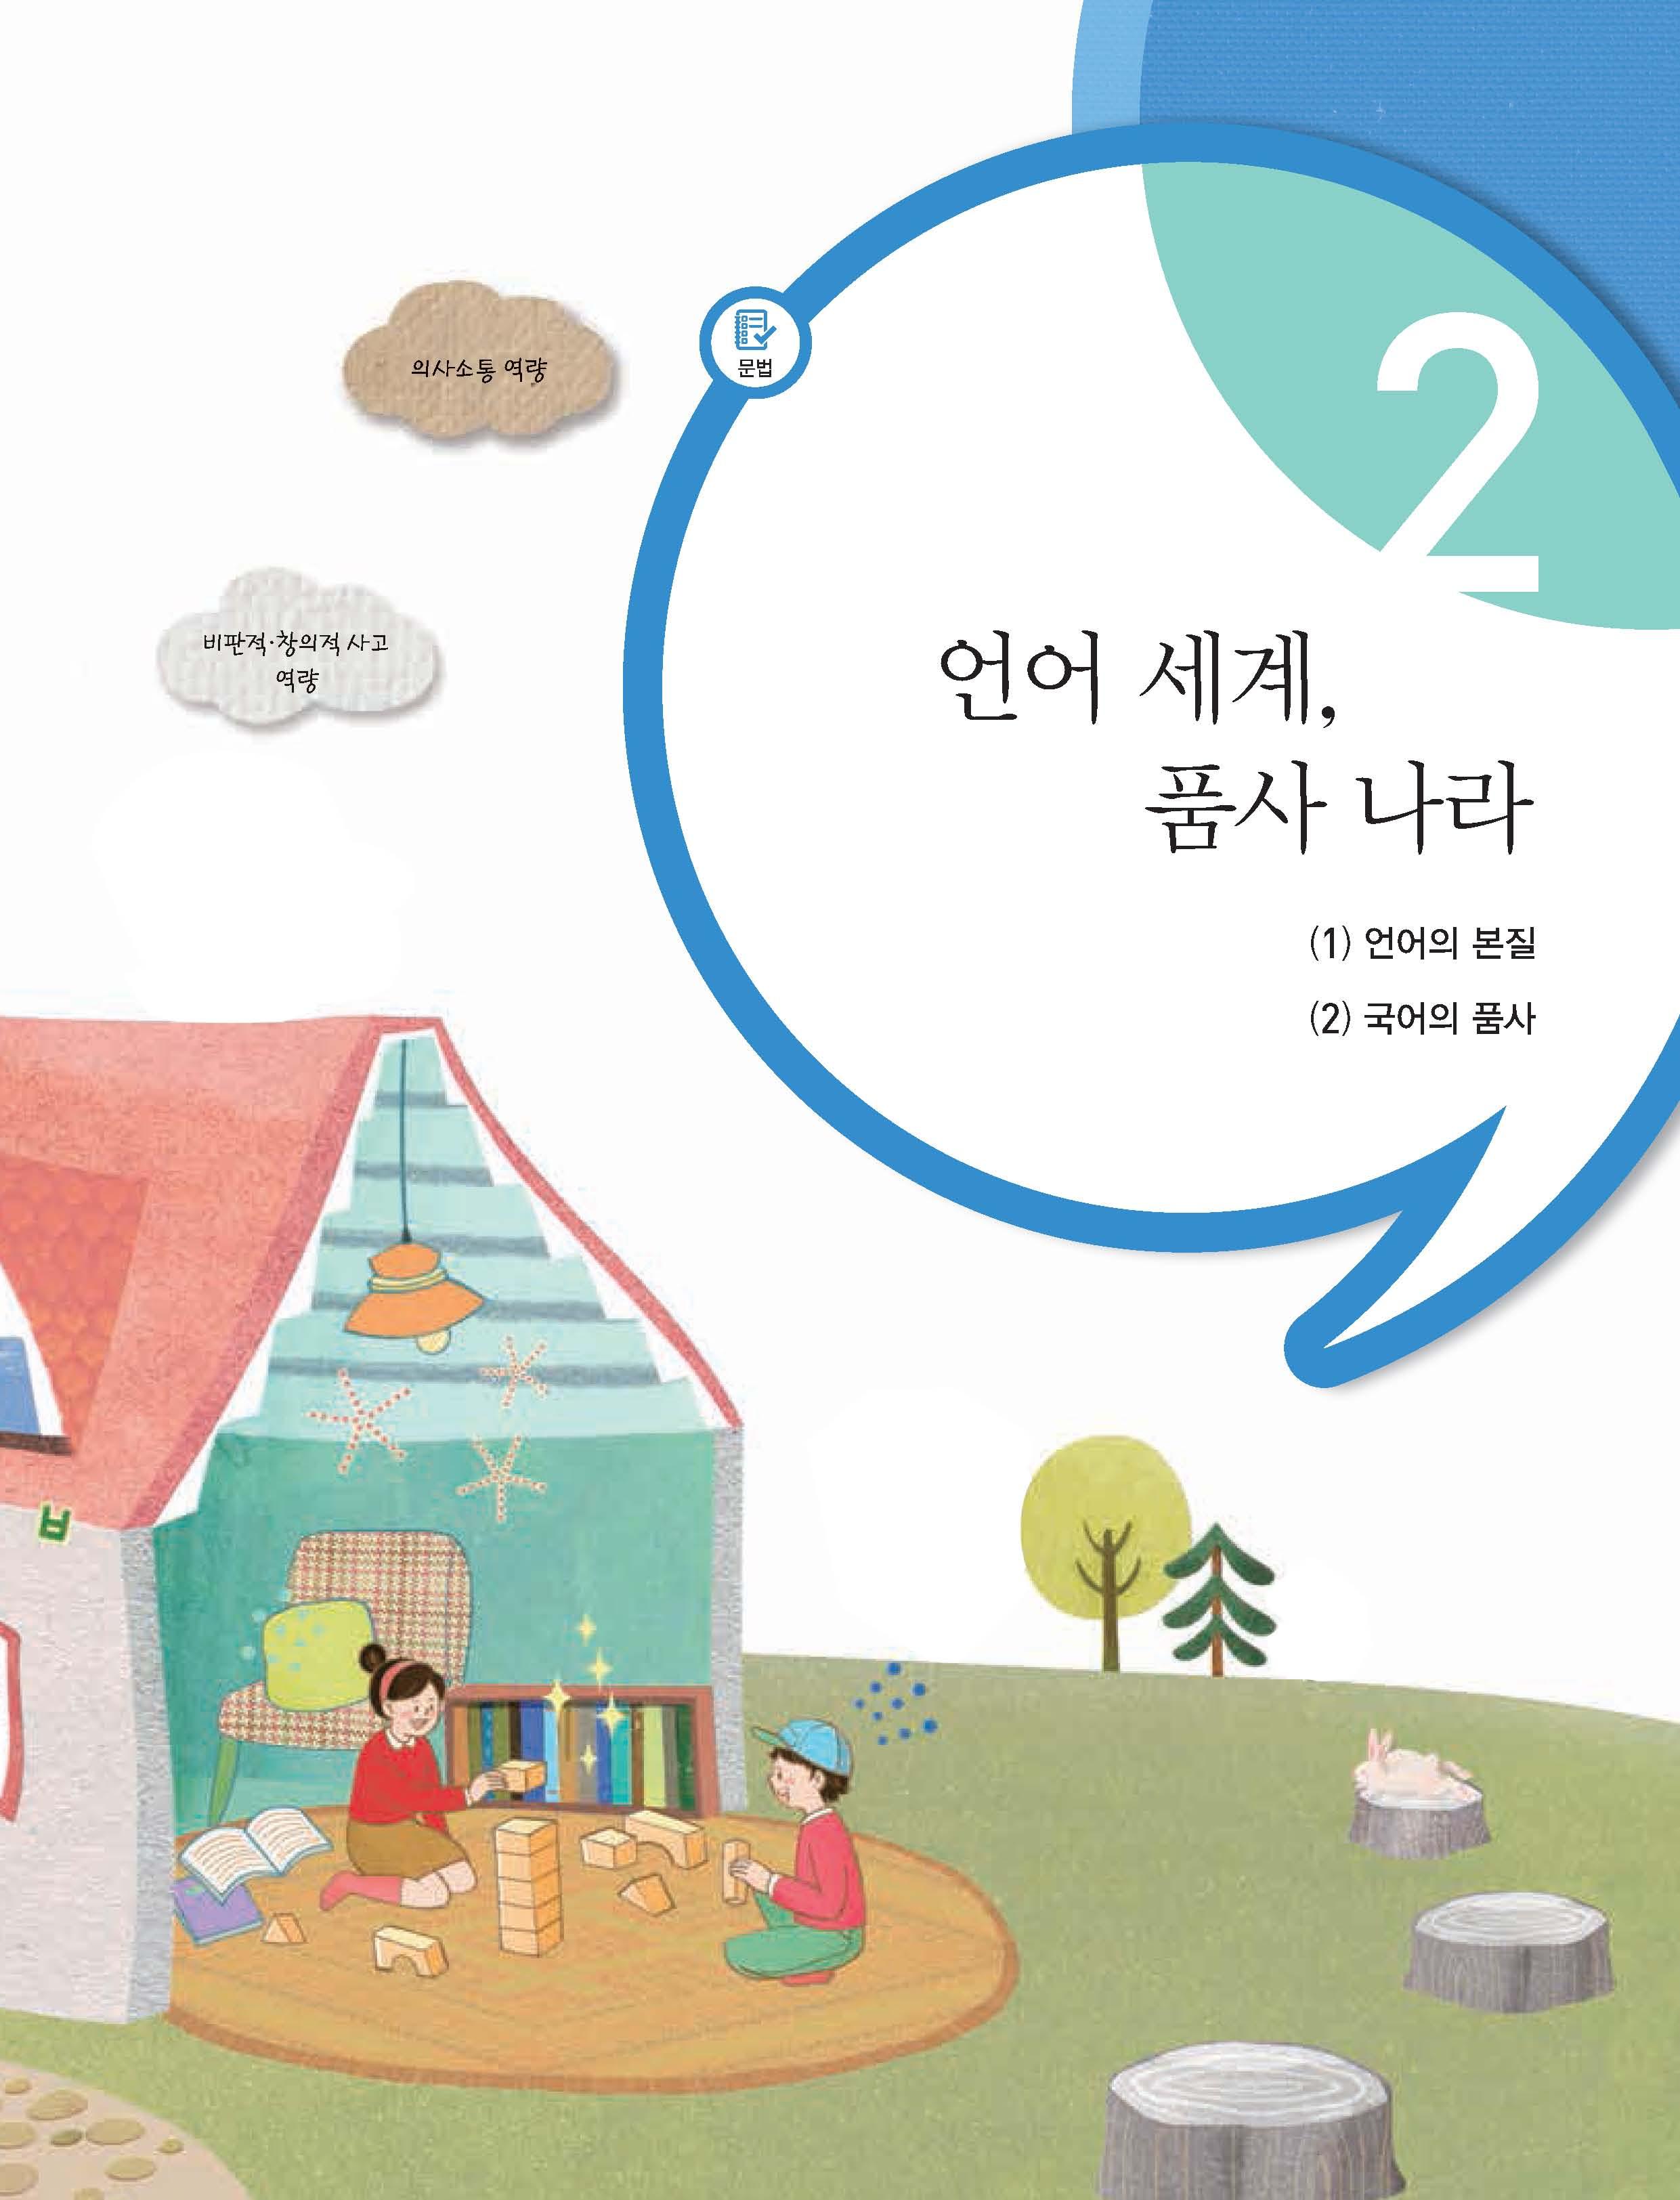 2.언어 세계, 품사 나라 제목 이미지